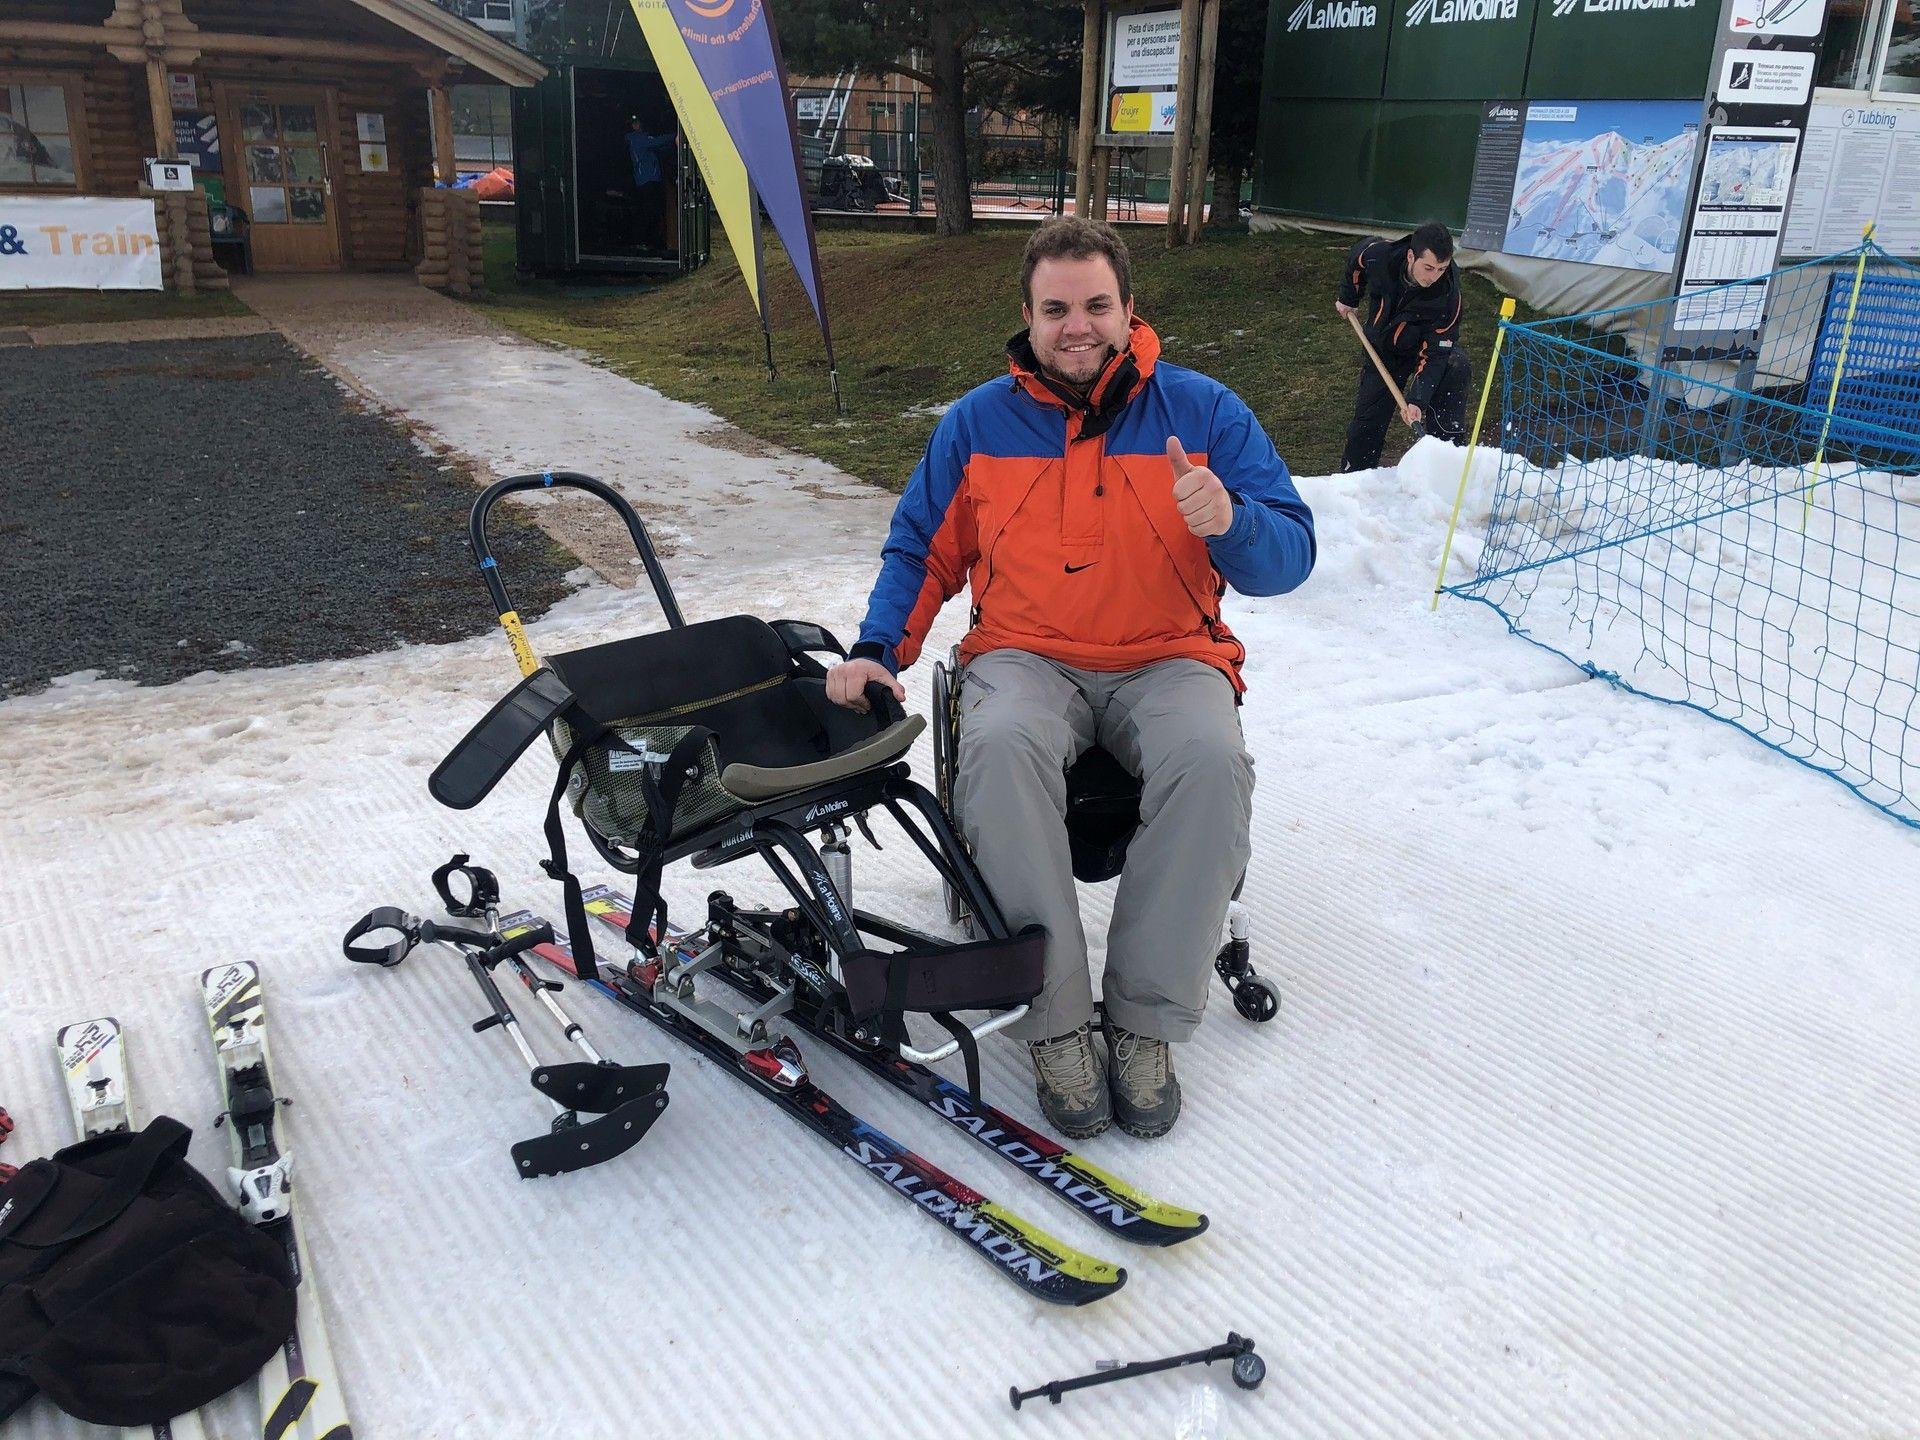 Silla de esquí adaptado